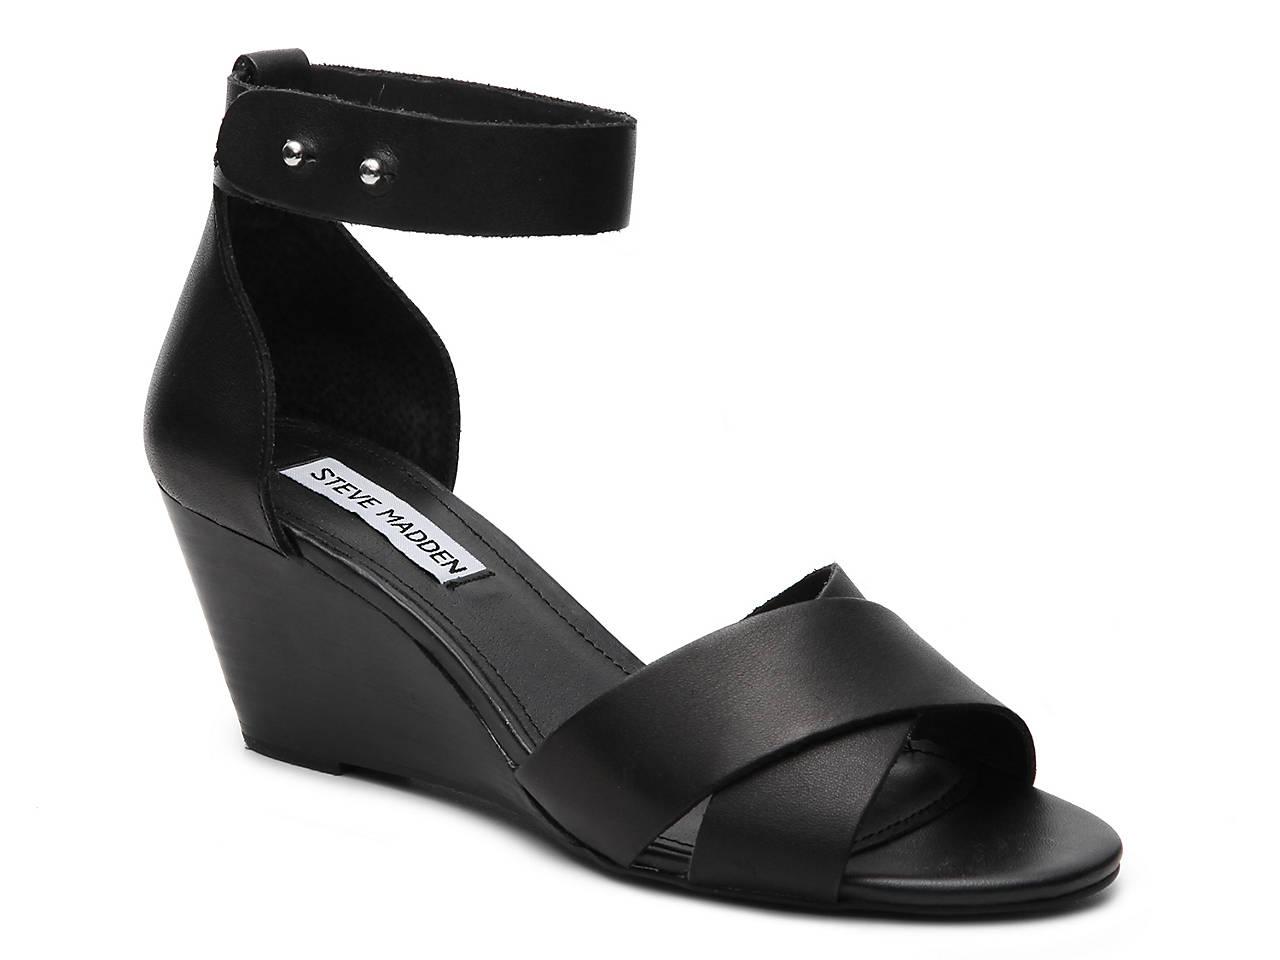 Black sandals at dsw - Black Sandals At Dsw 18